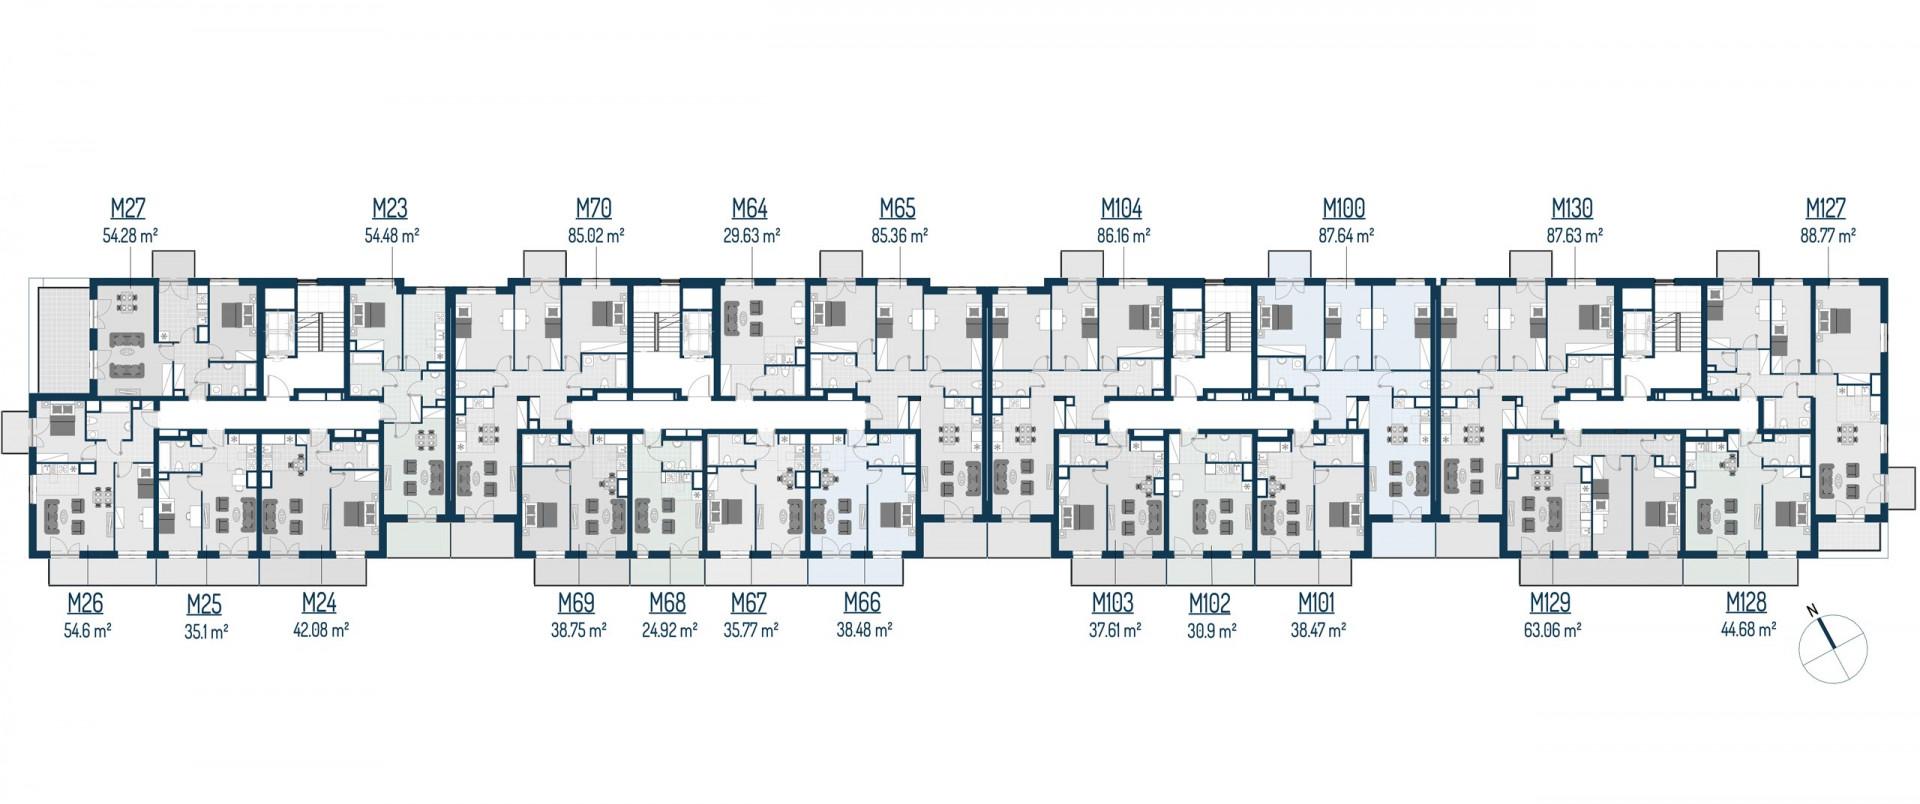 Zdrowe Stylove / budynek 2 / mieszkanie nr 129 rzut 2